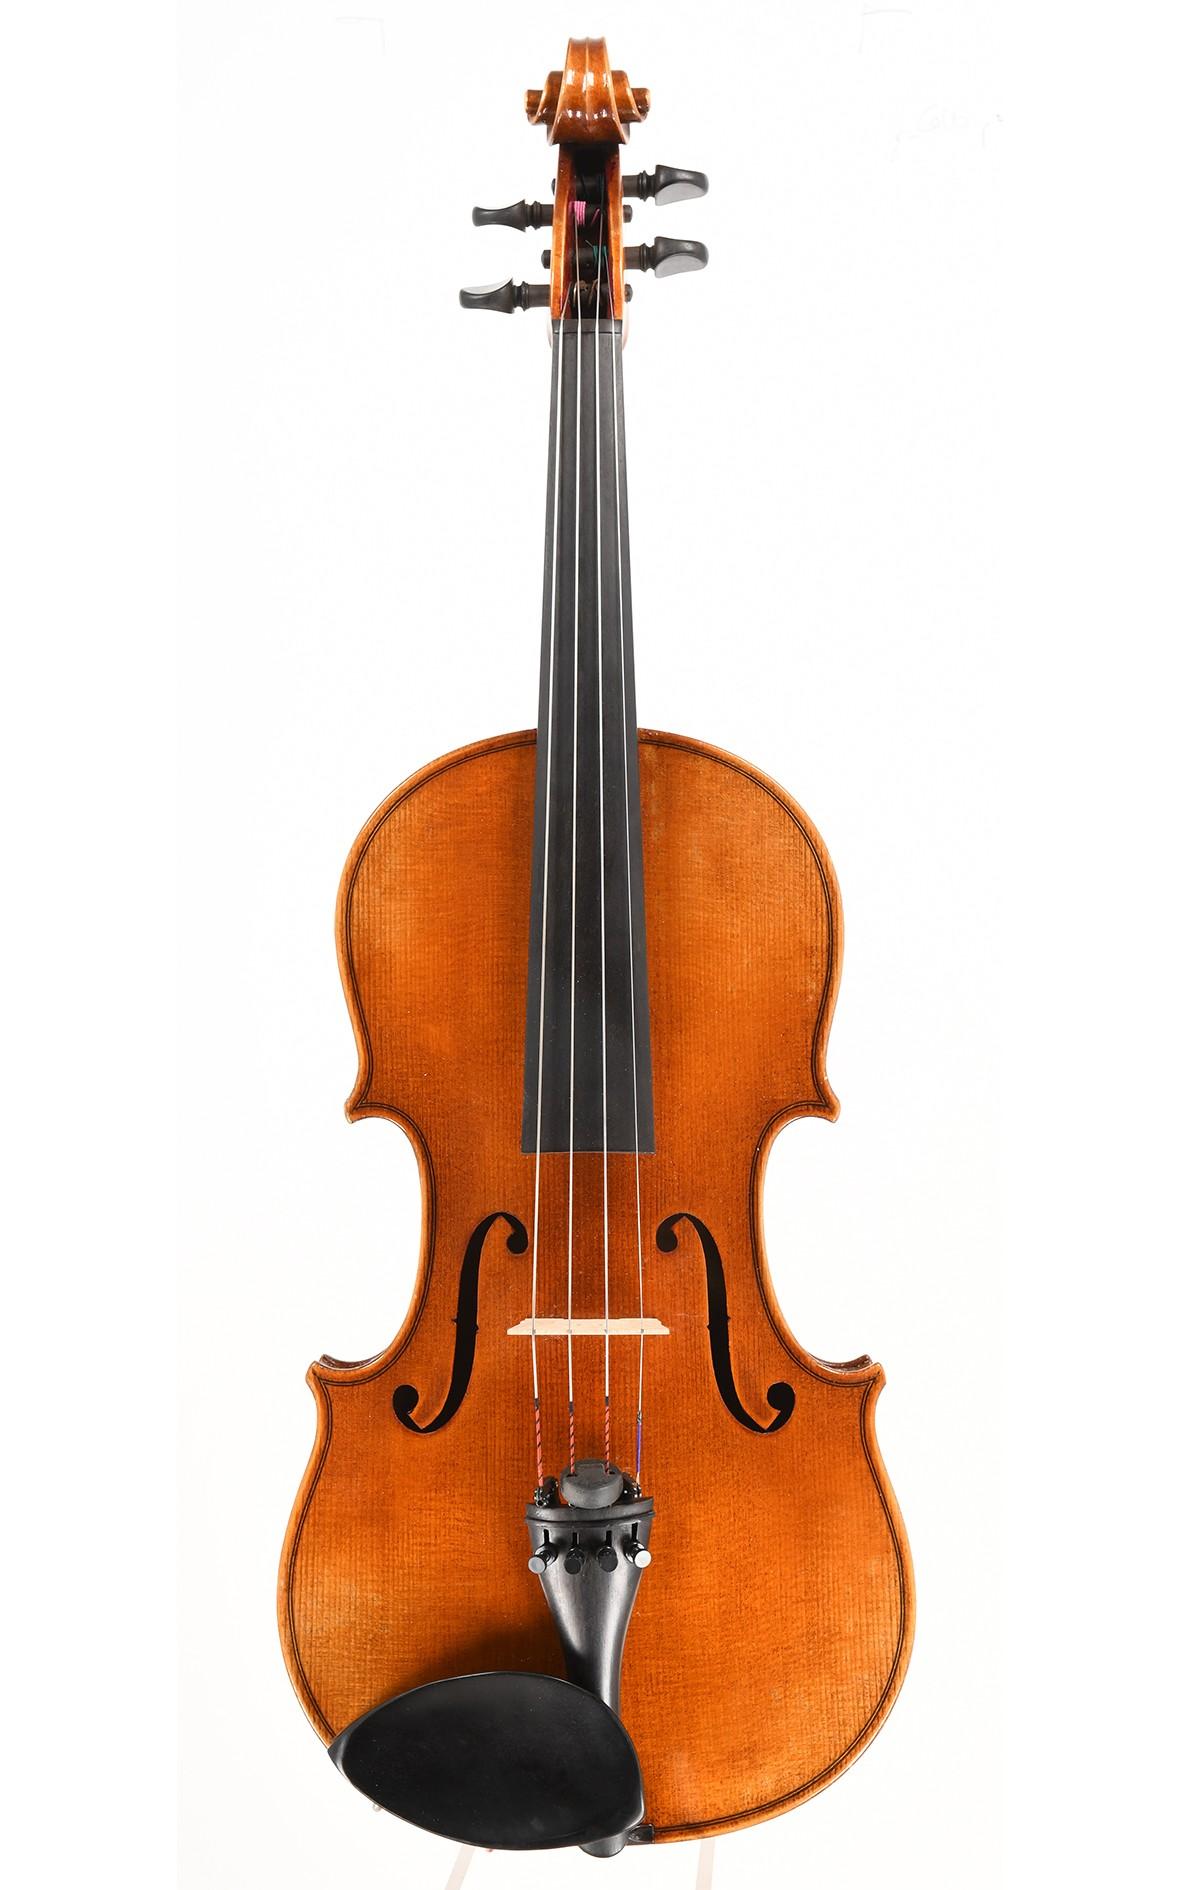 Markneukirchener Violine nach Antonio Stradivari, heller, klarer Ton